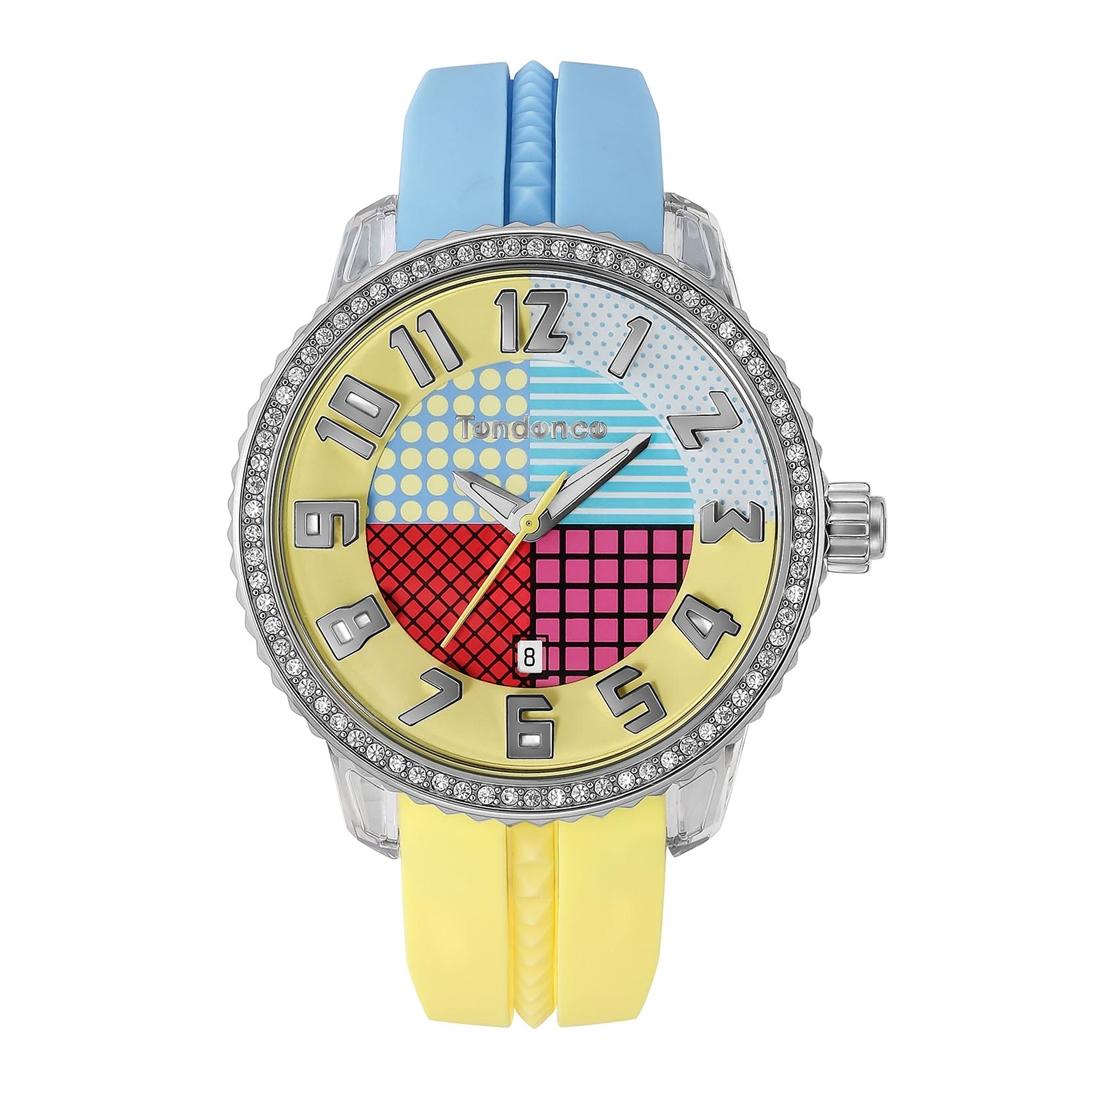 正規品 Tendence テンデンス TG930060 クレイジー 腕時計